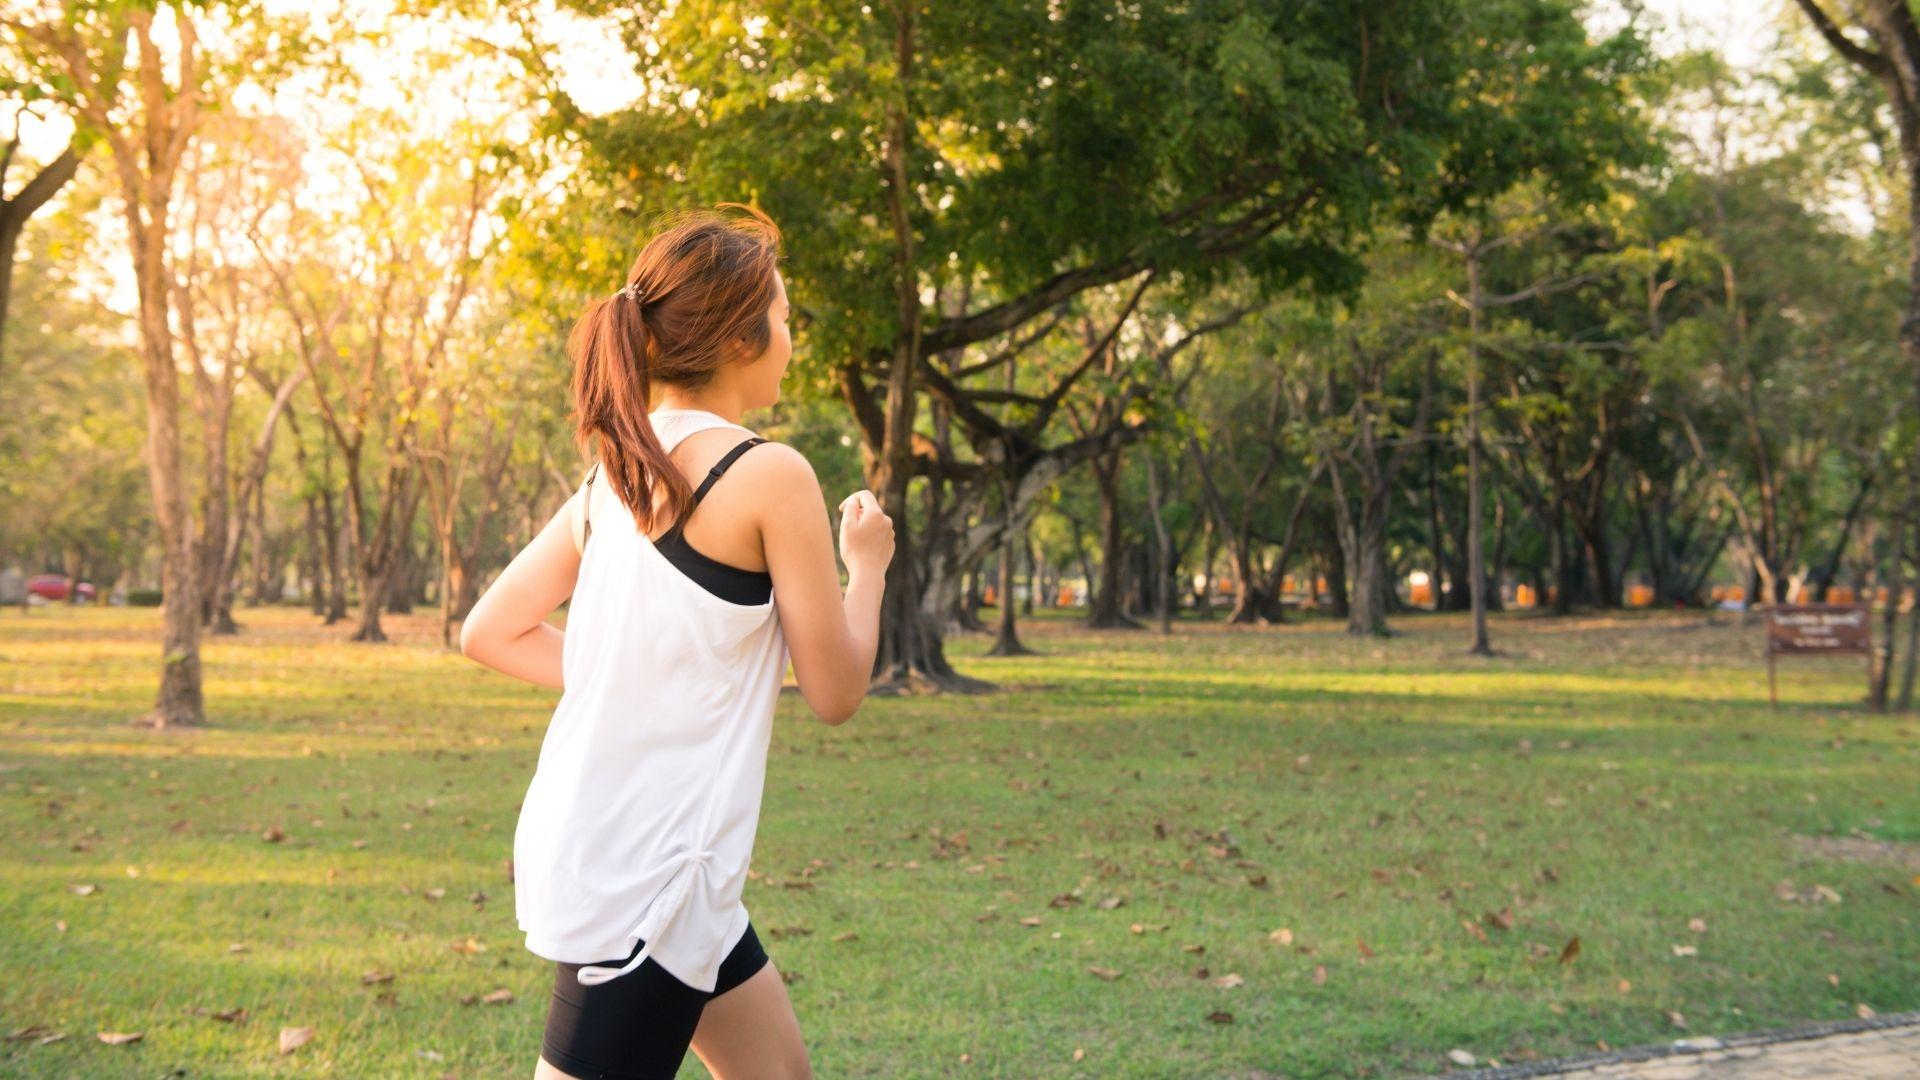 Kolay Kalori Yakabileceğiniz 4 Spor Dalı